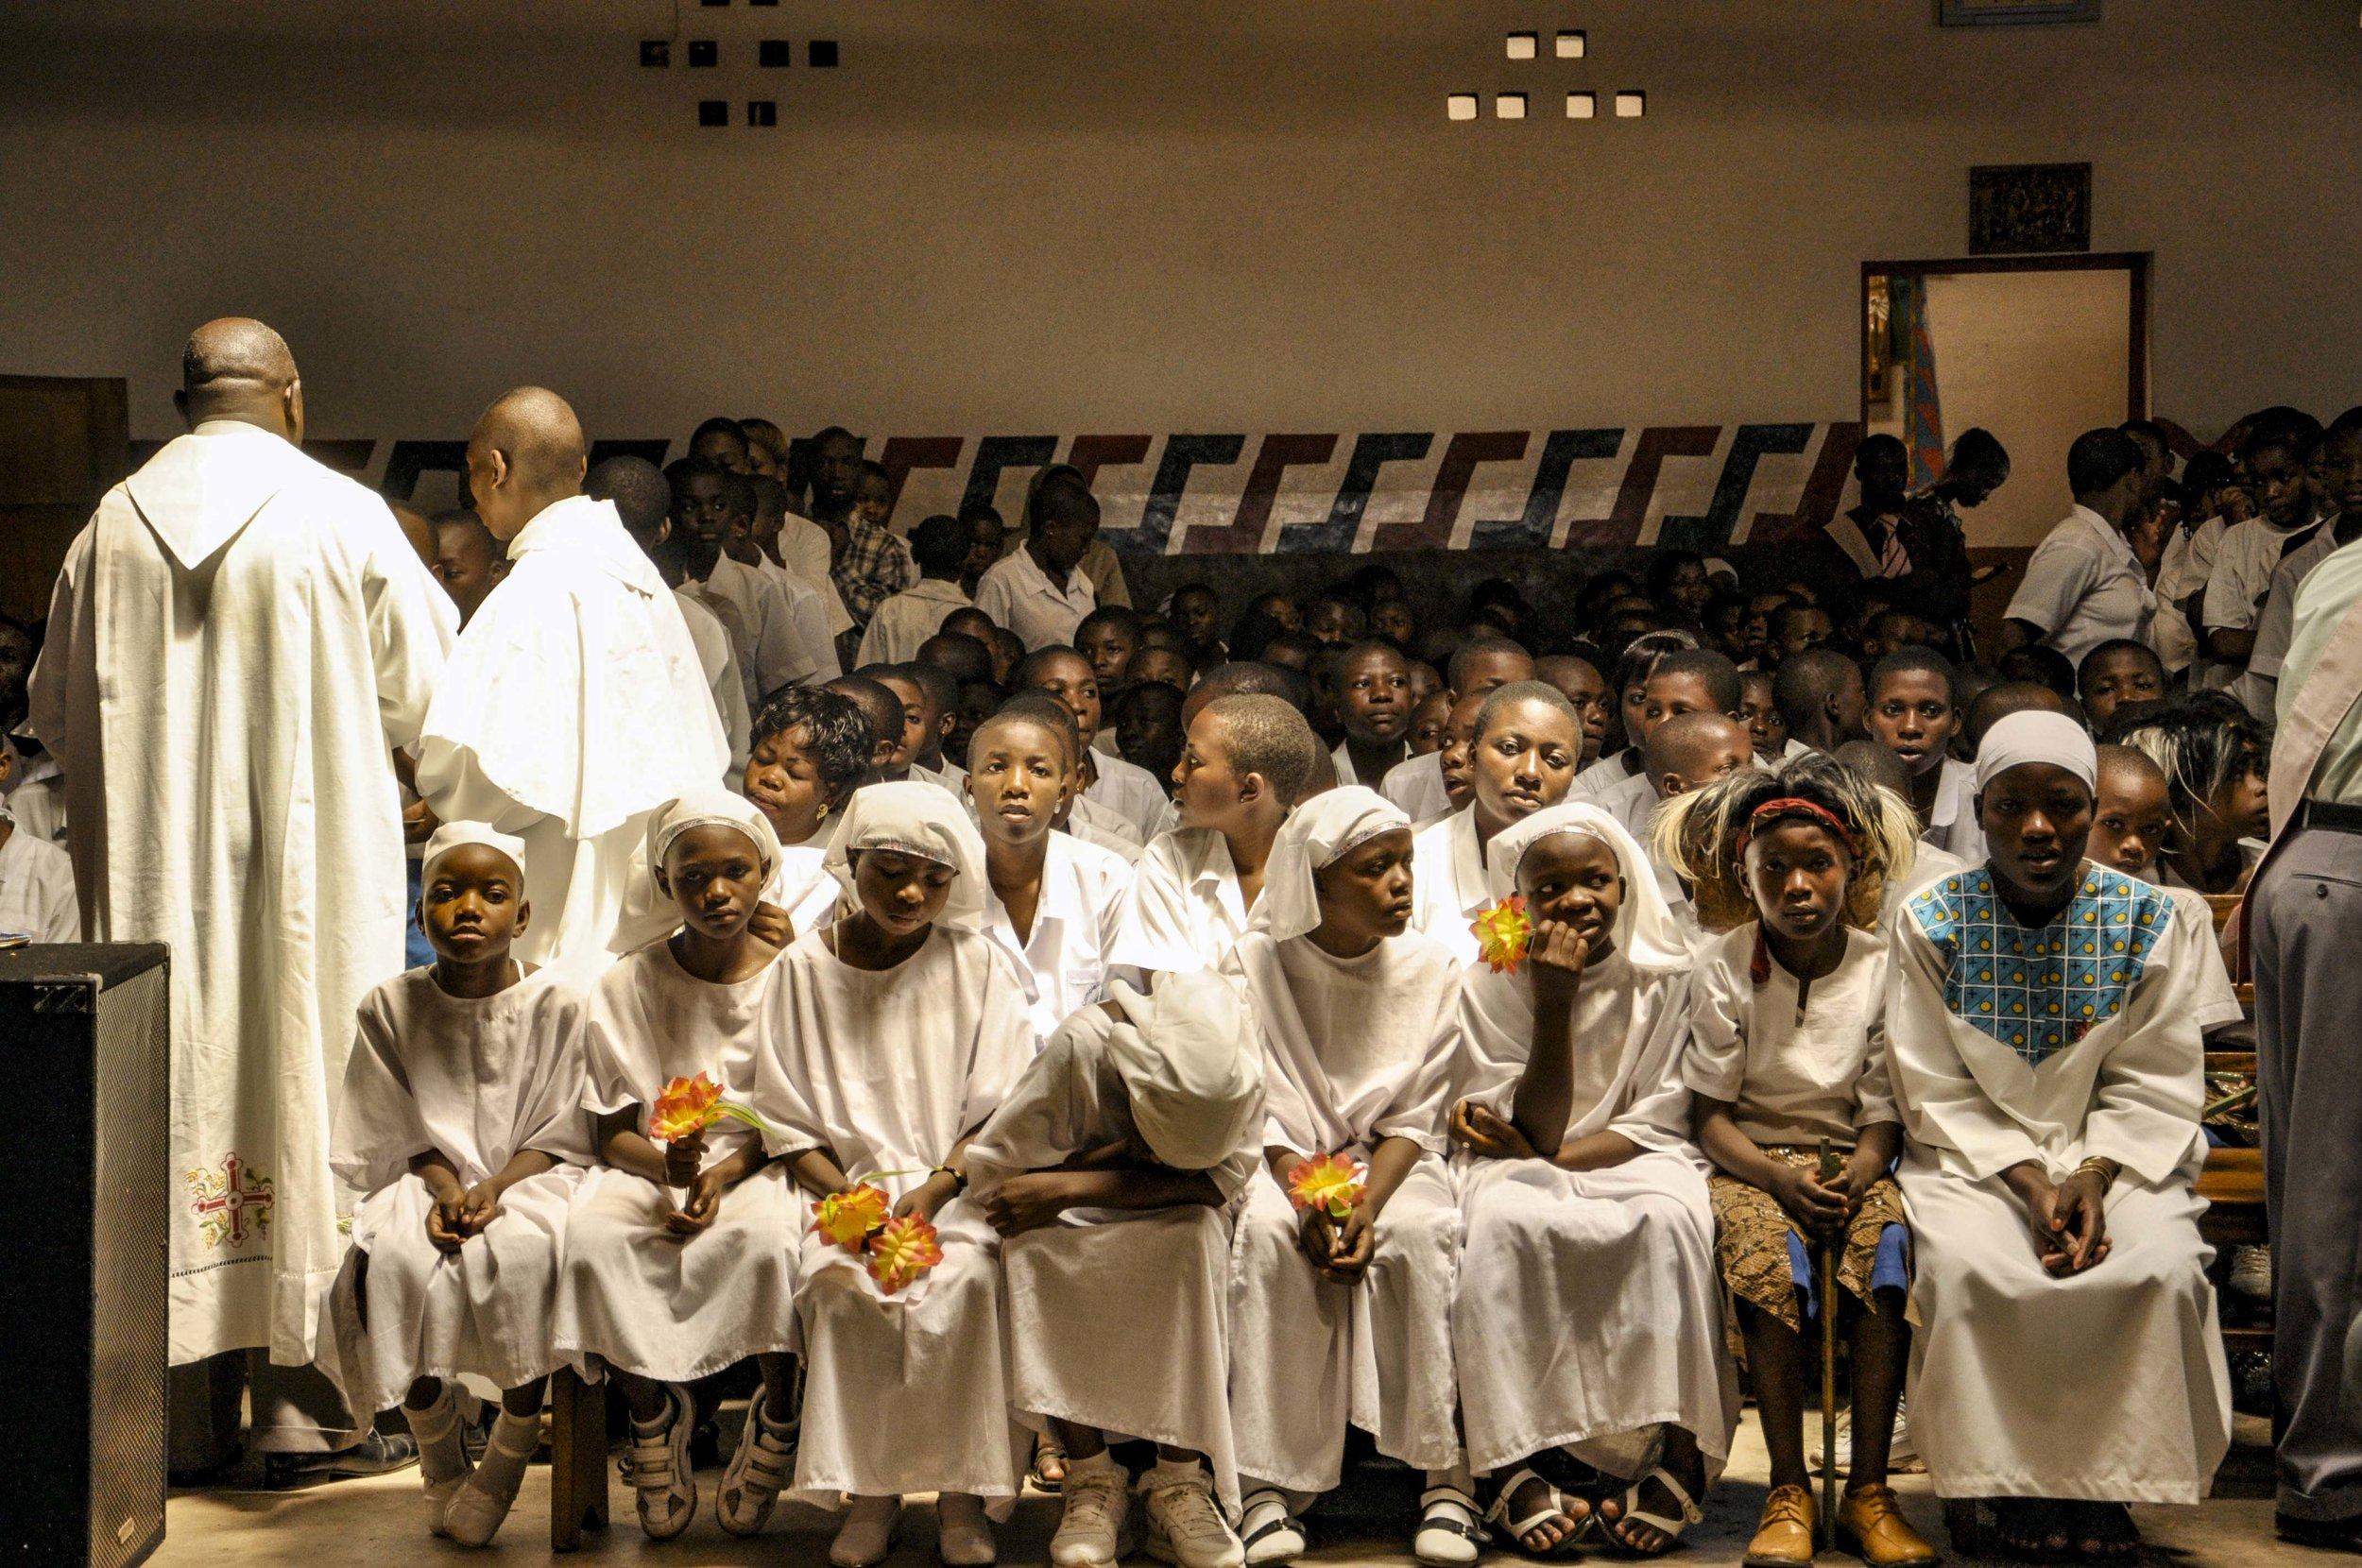 FRANCESCAVOLPI_CONGO_NGO 09.jpg